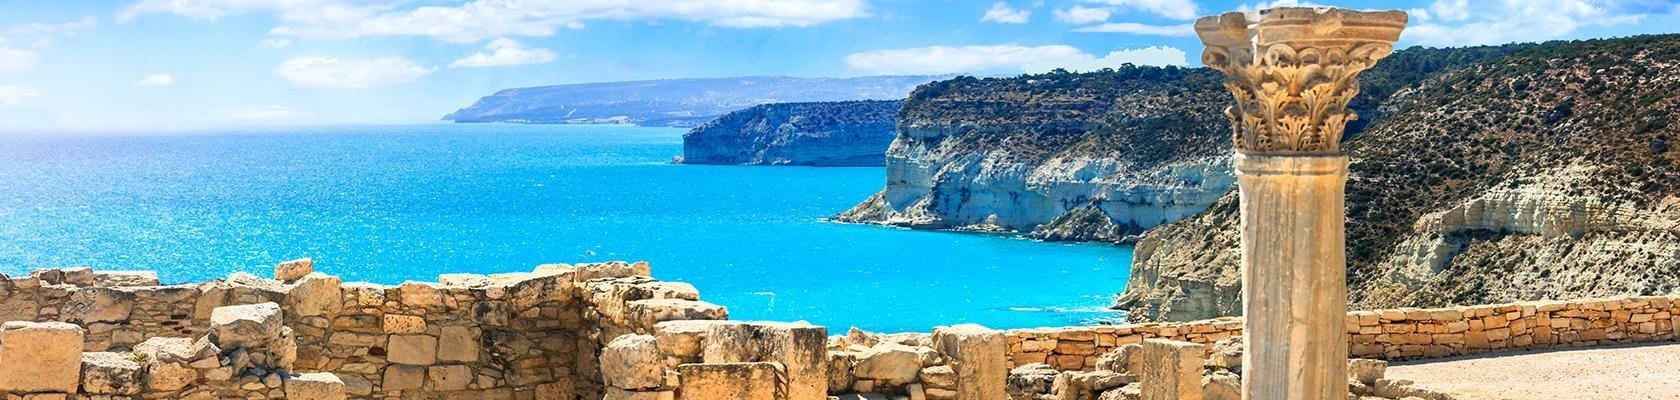 Relaxte rondreizen Cyprus